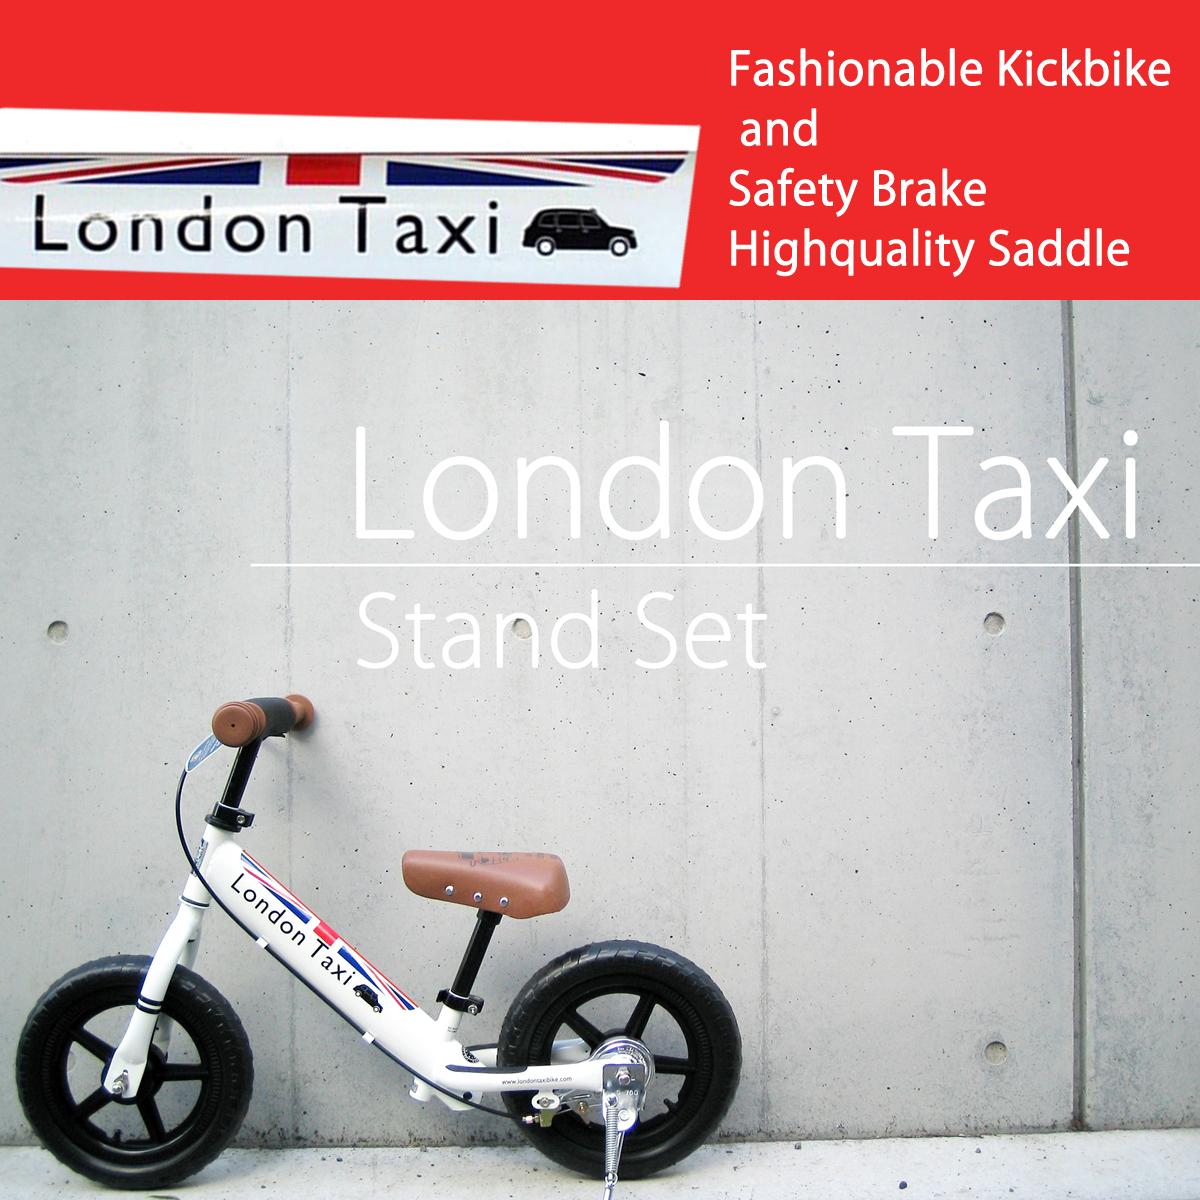 London Taxi (ロンドンタクシー)キックバイク バランスバイク スタンドセット スタンド ブレーキ 練習 ホワイト 白 ペダルなし自転車